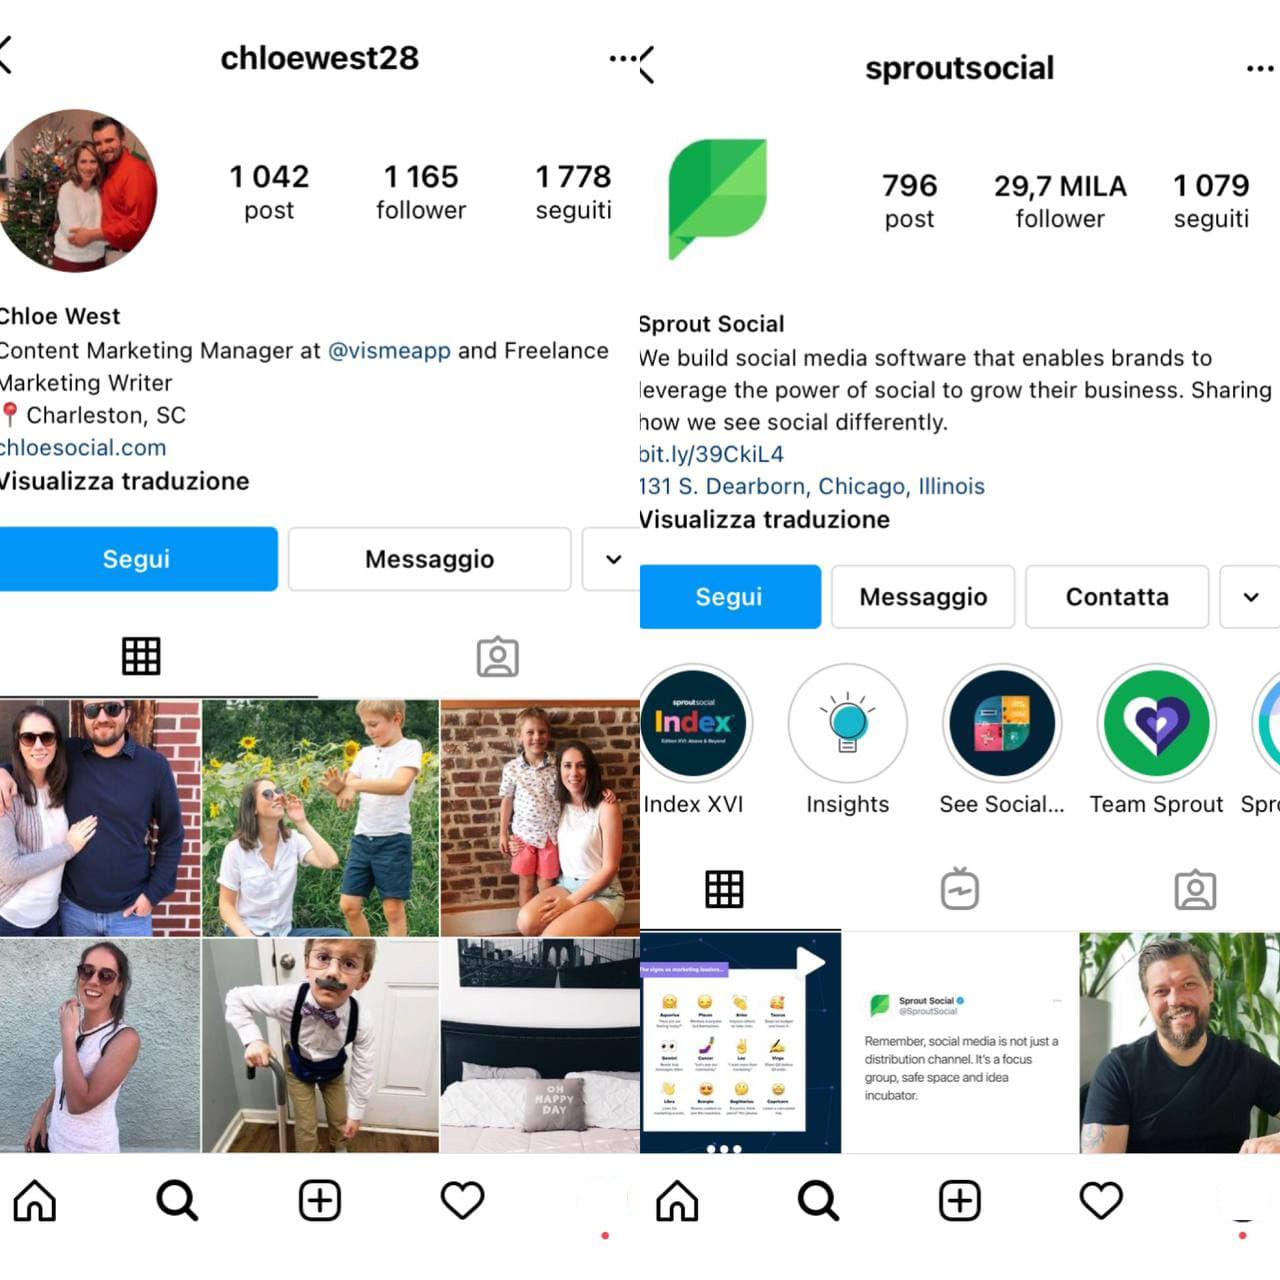 Vantaggi e caratteristiche di un account aziendale Instagram - immagine 3